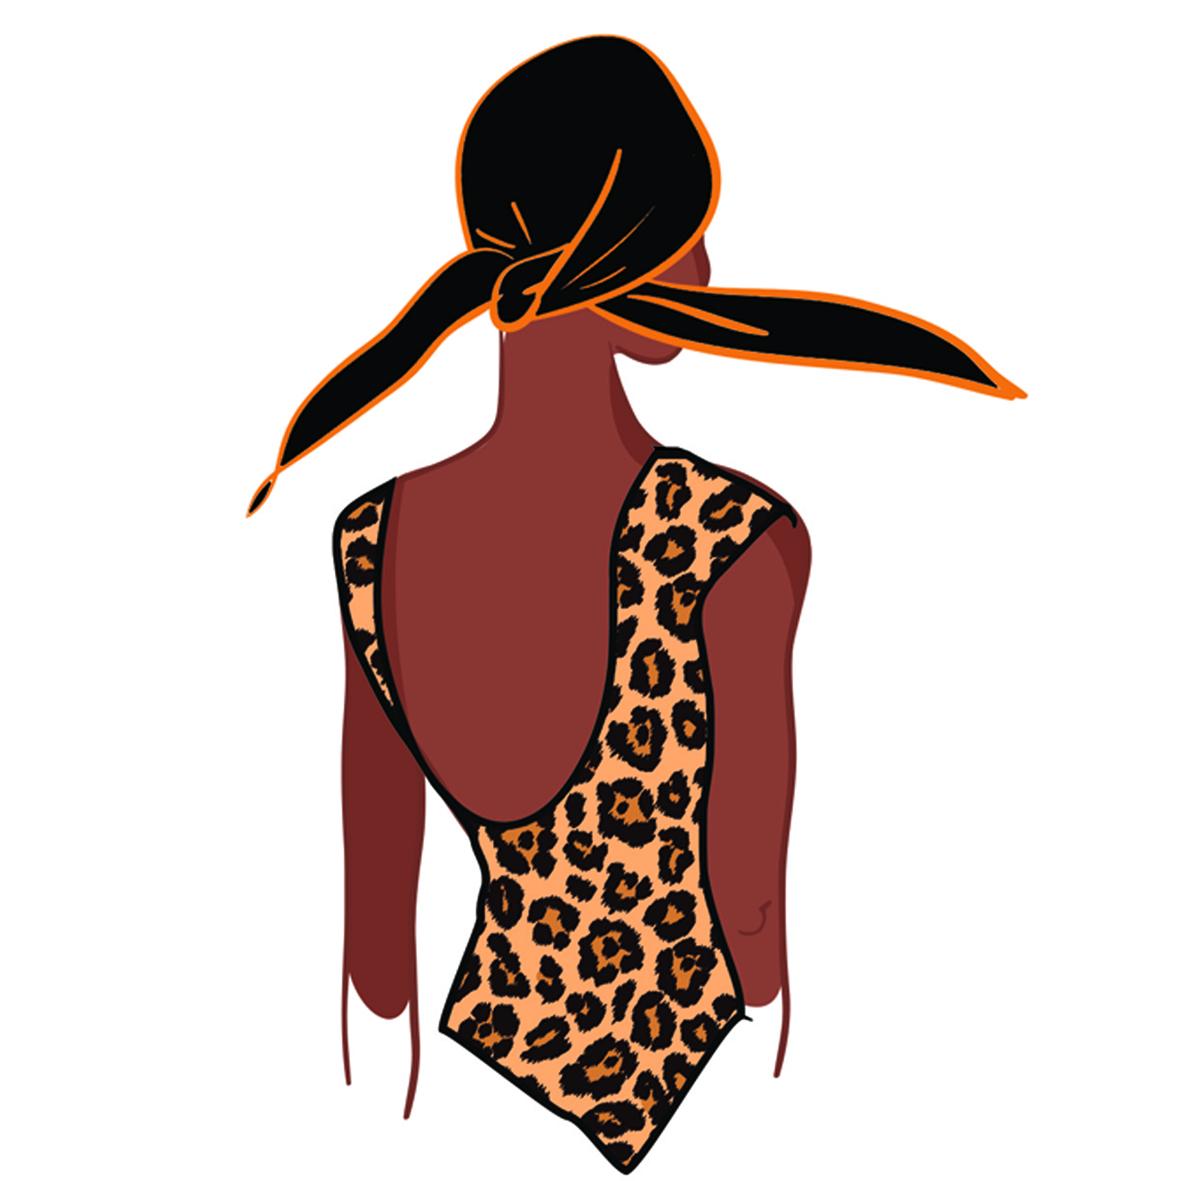 B tuto 3 foulard - anform magazine santé bien-être